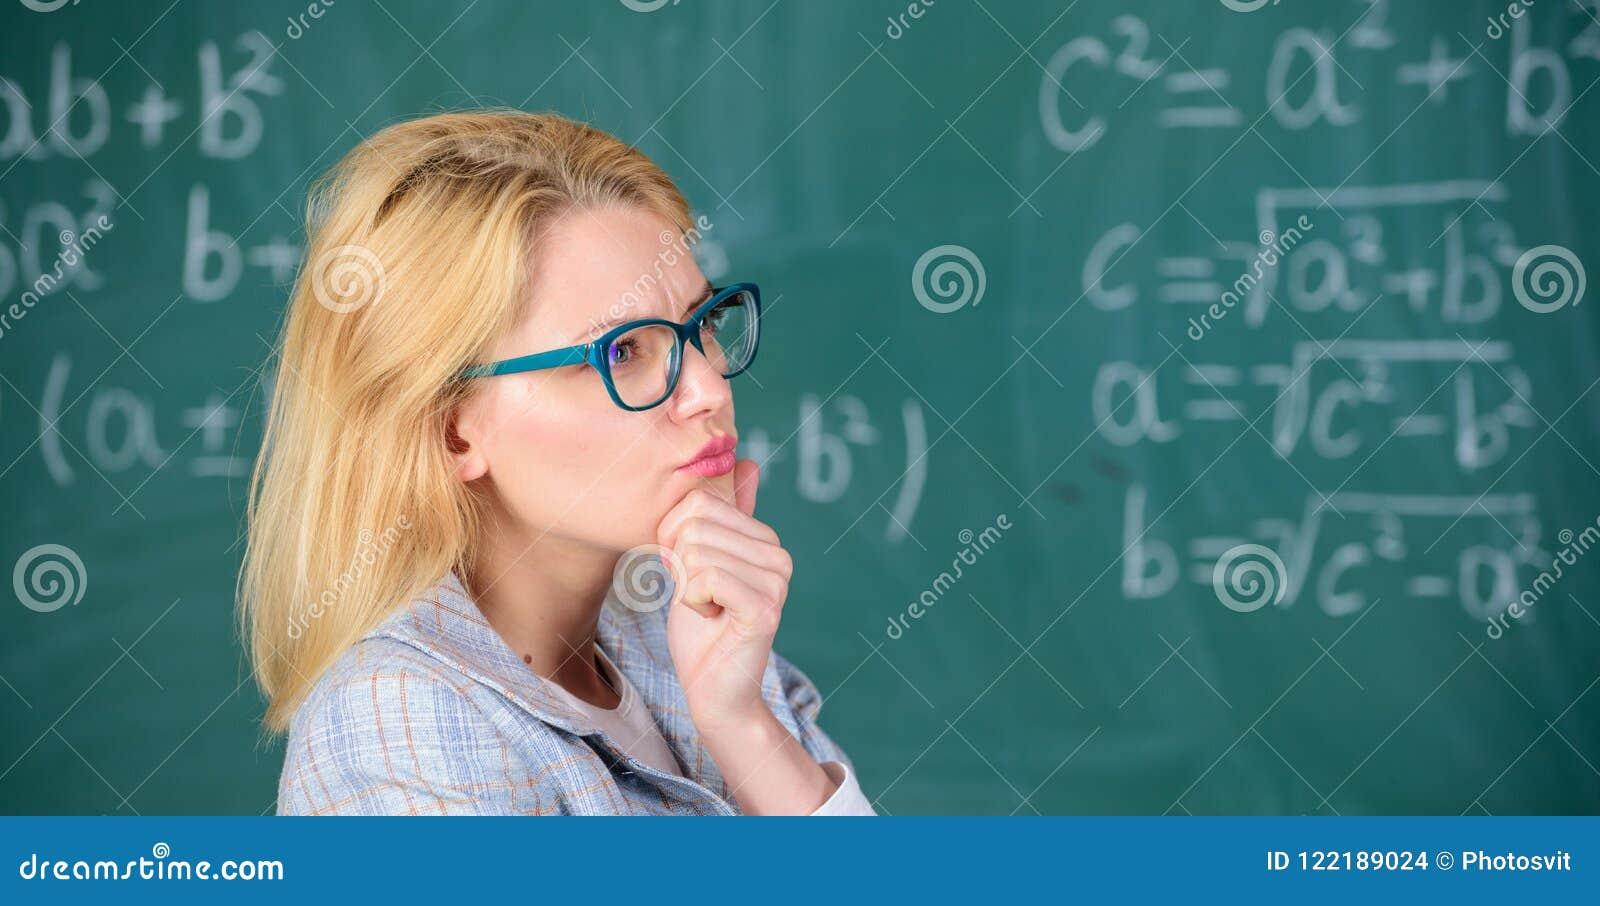 Resolva a tarefa da matemática Resolva essa tarefa Conhecimento básico da educação escolar A mulher do professor pensa sobre a re